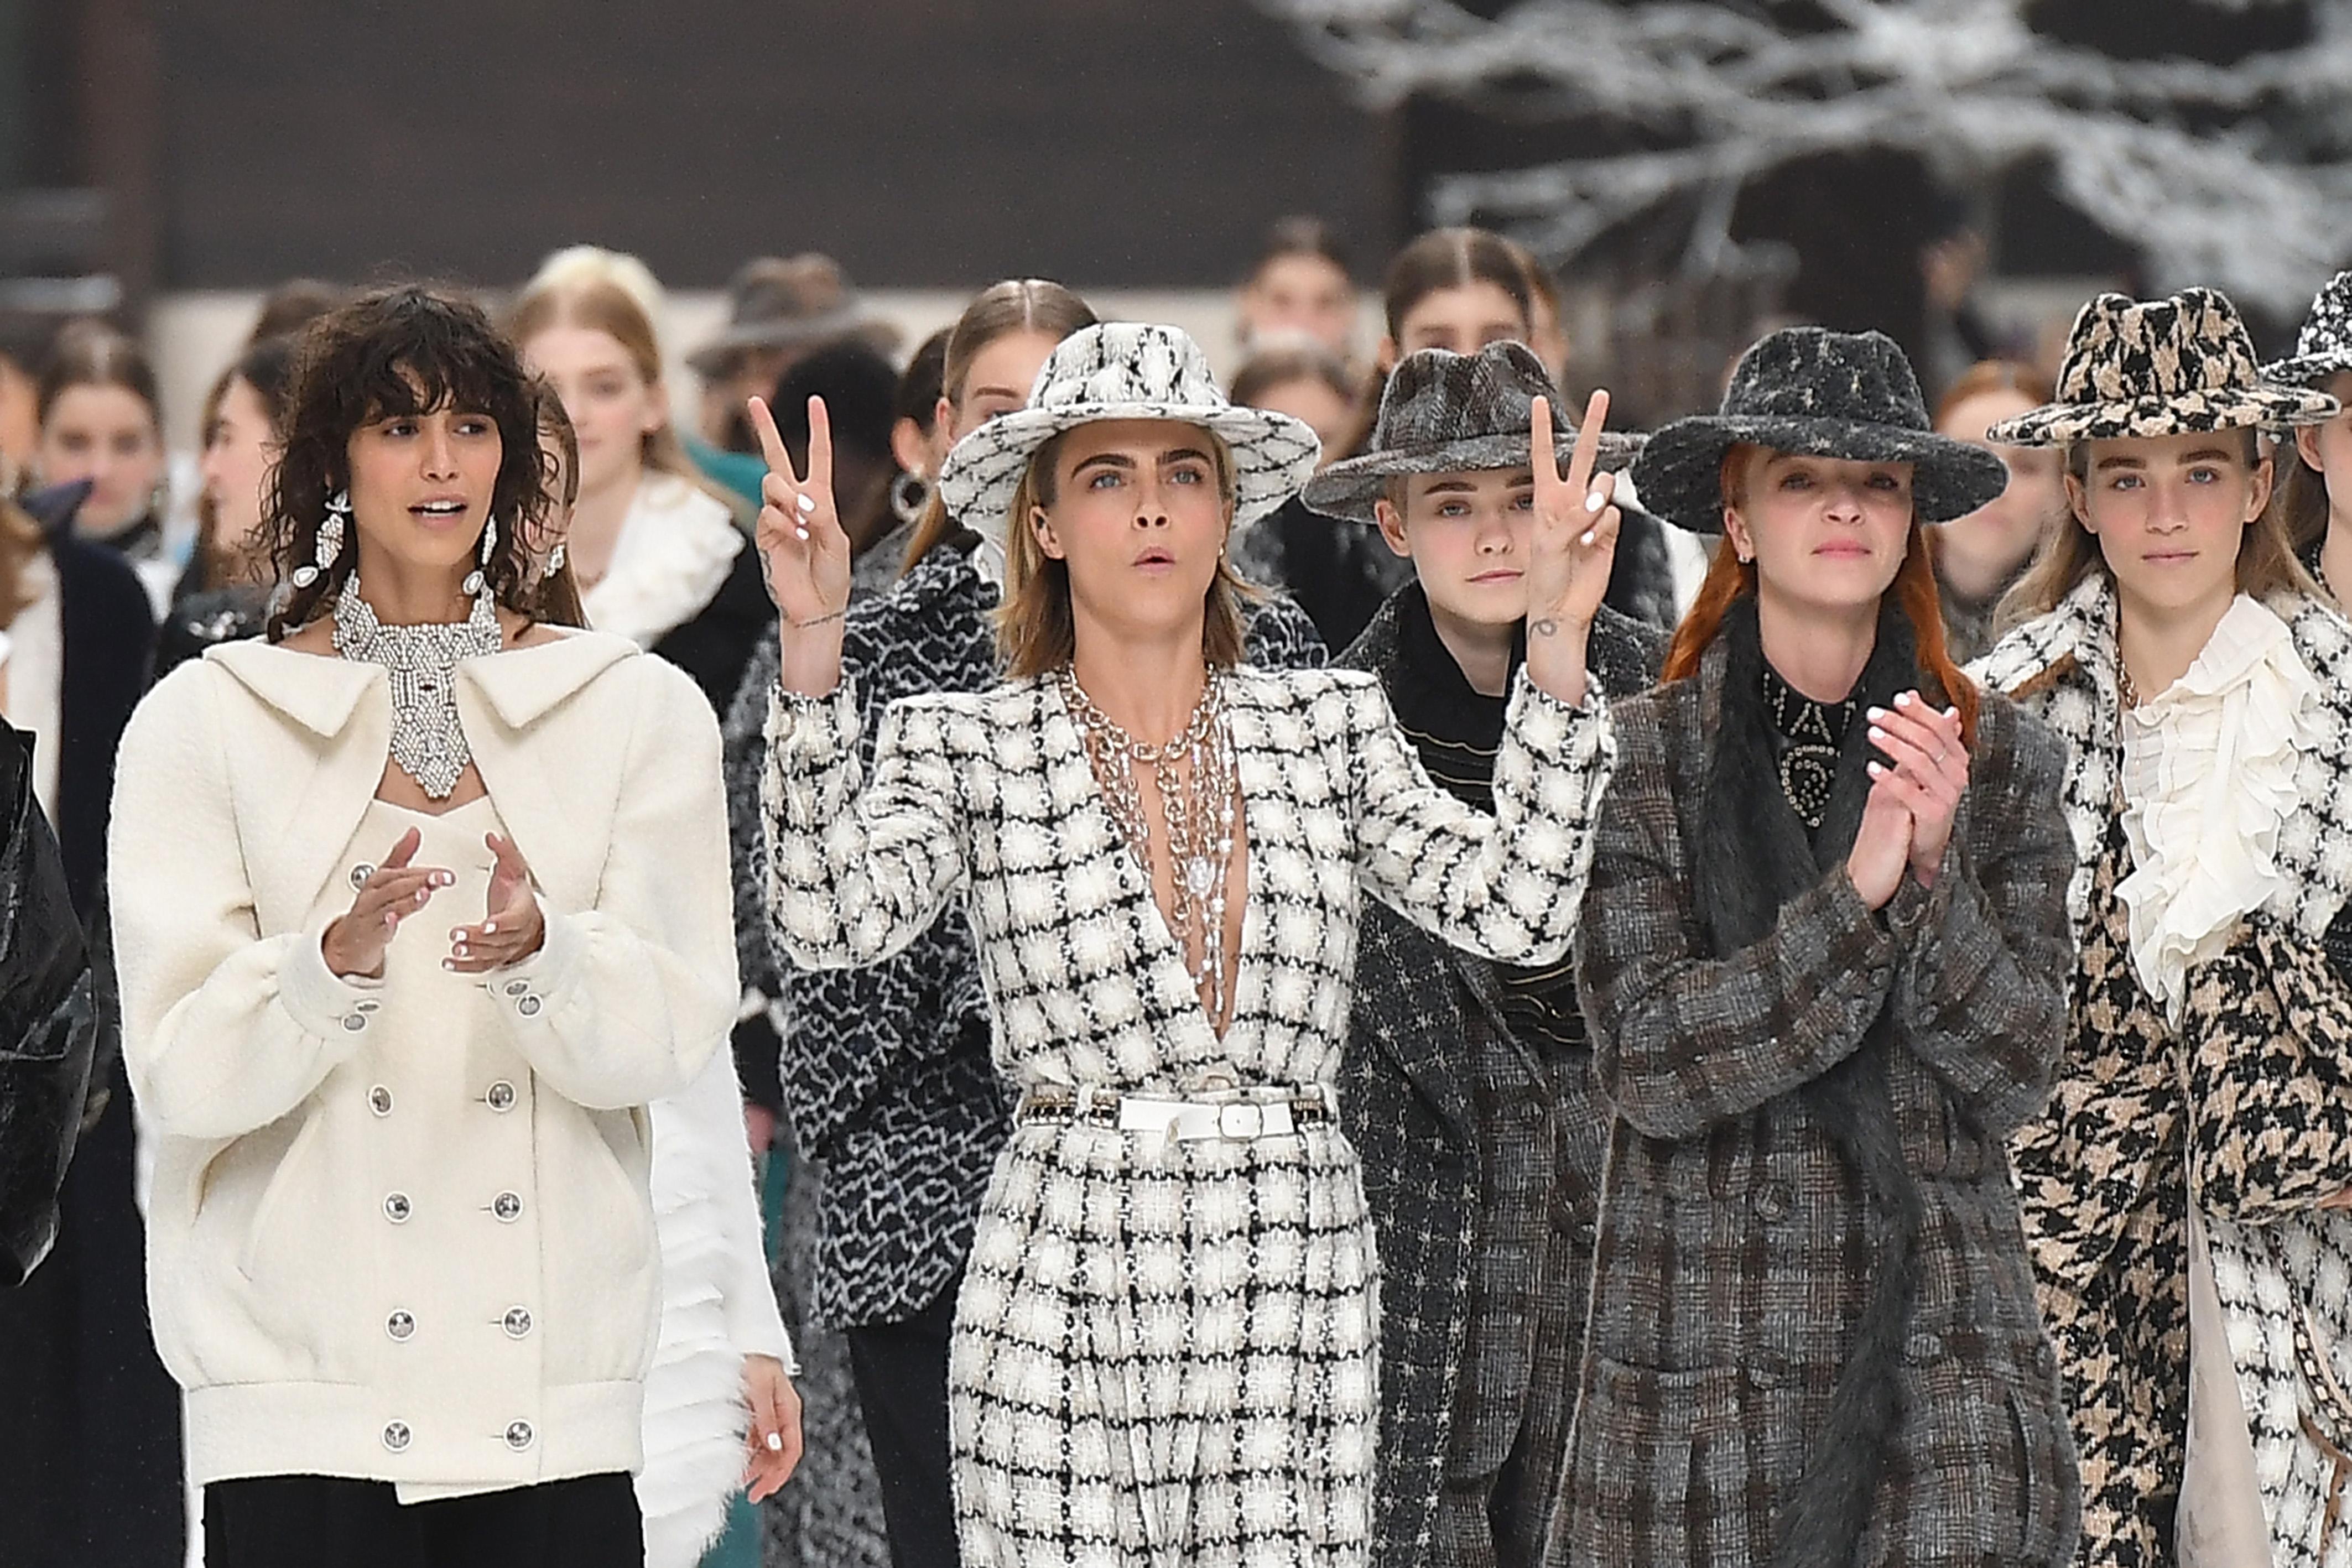 Το show της Chanel μόλις τελείωσε και θέλουμε οπωσδήποτε αυτά τα αξεσουάρ μαλλιών! | tlife.gr